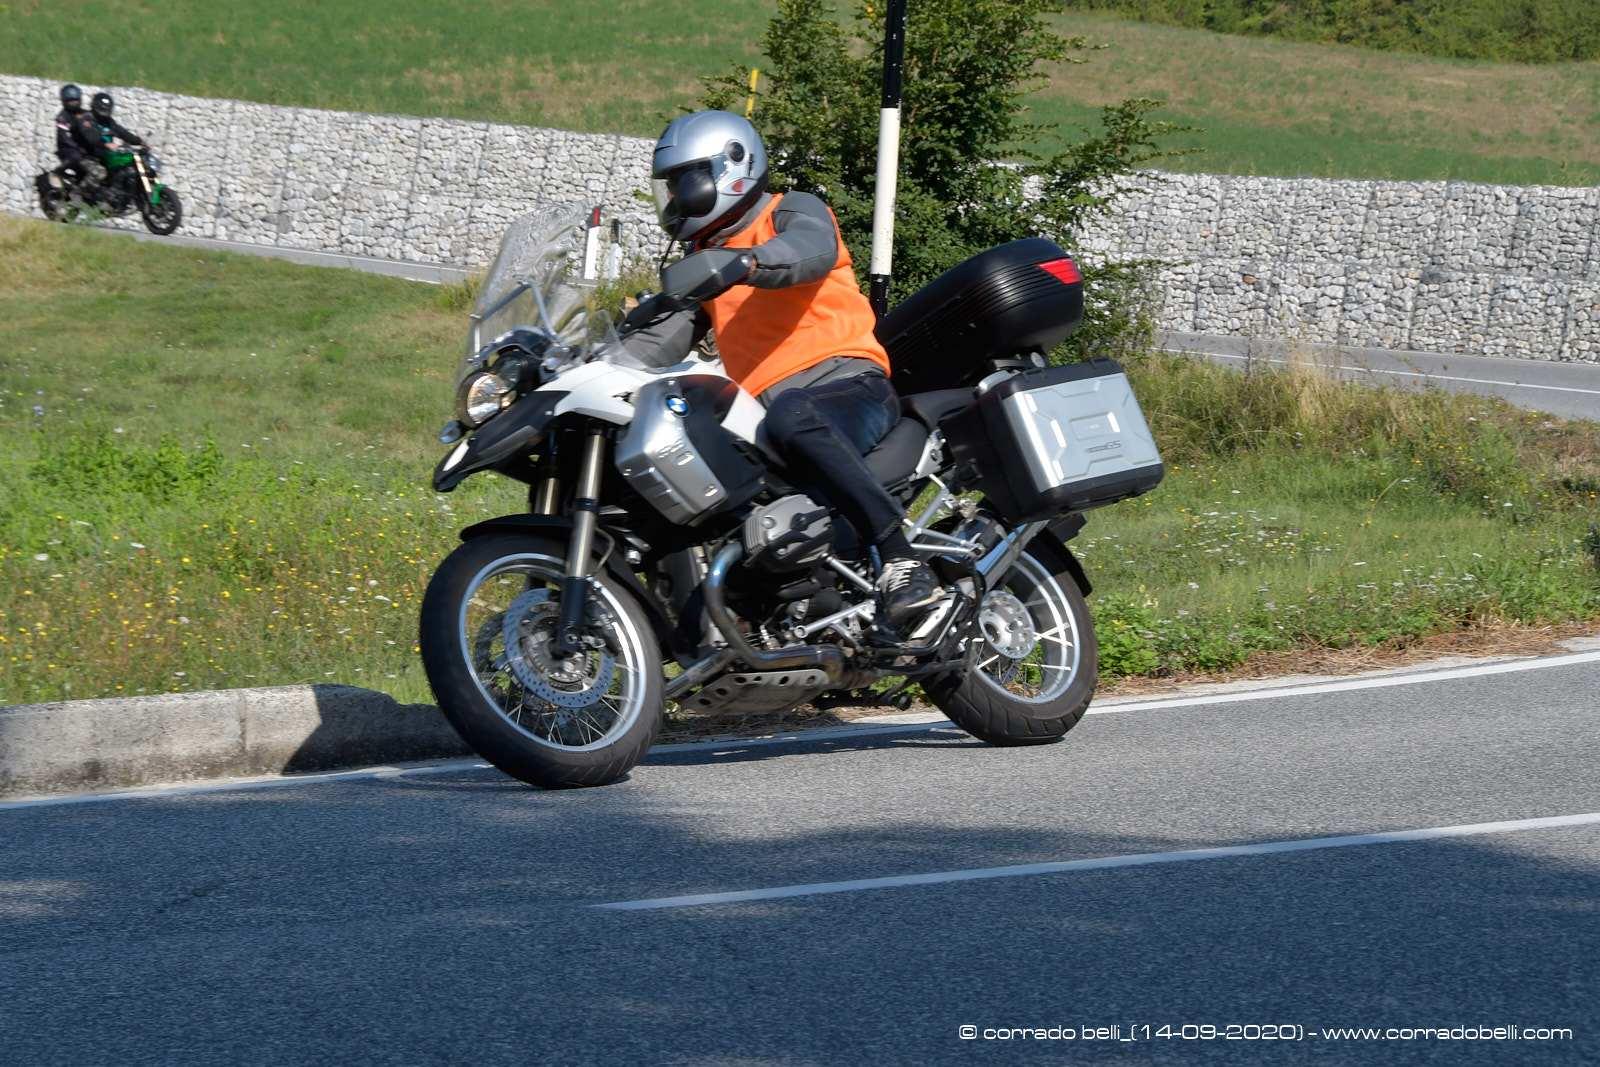 0105_-Benelli-Week-14-09-20